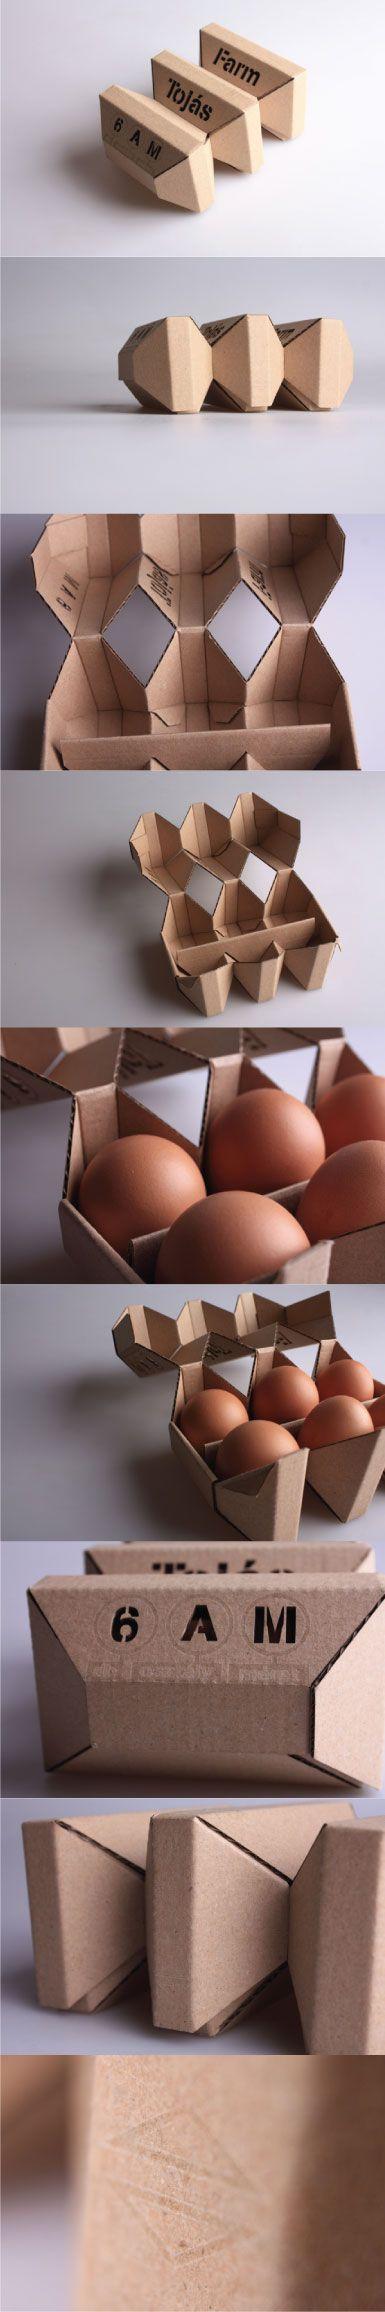 esta de huevos!!!!